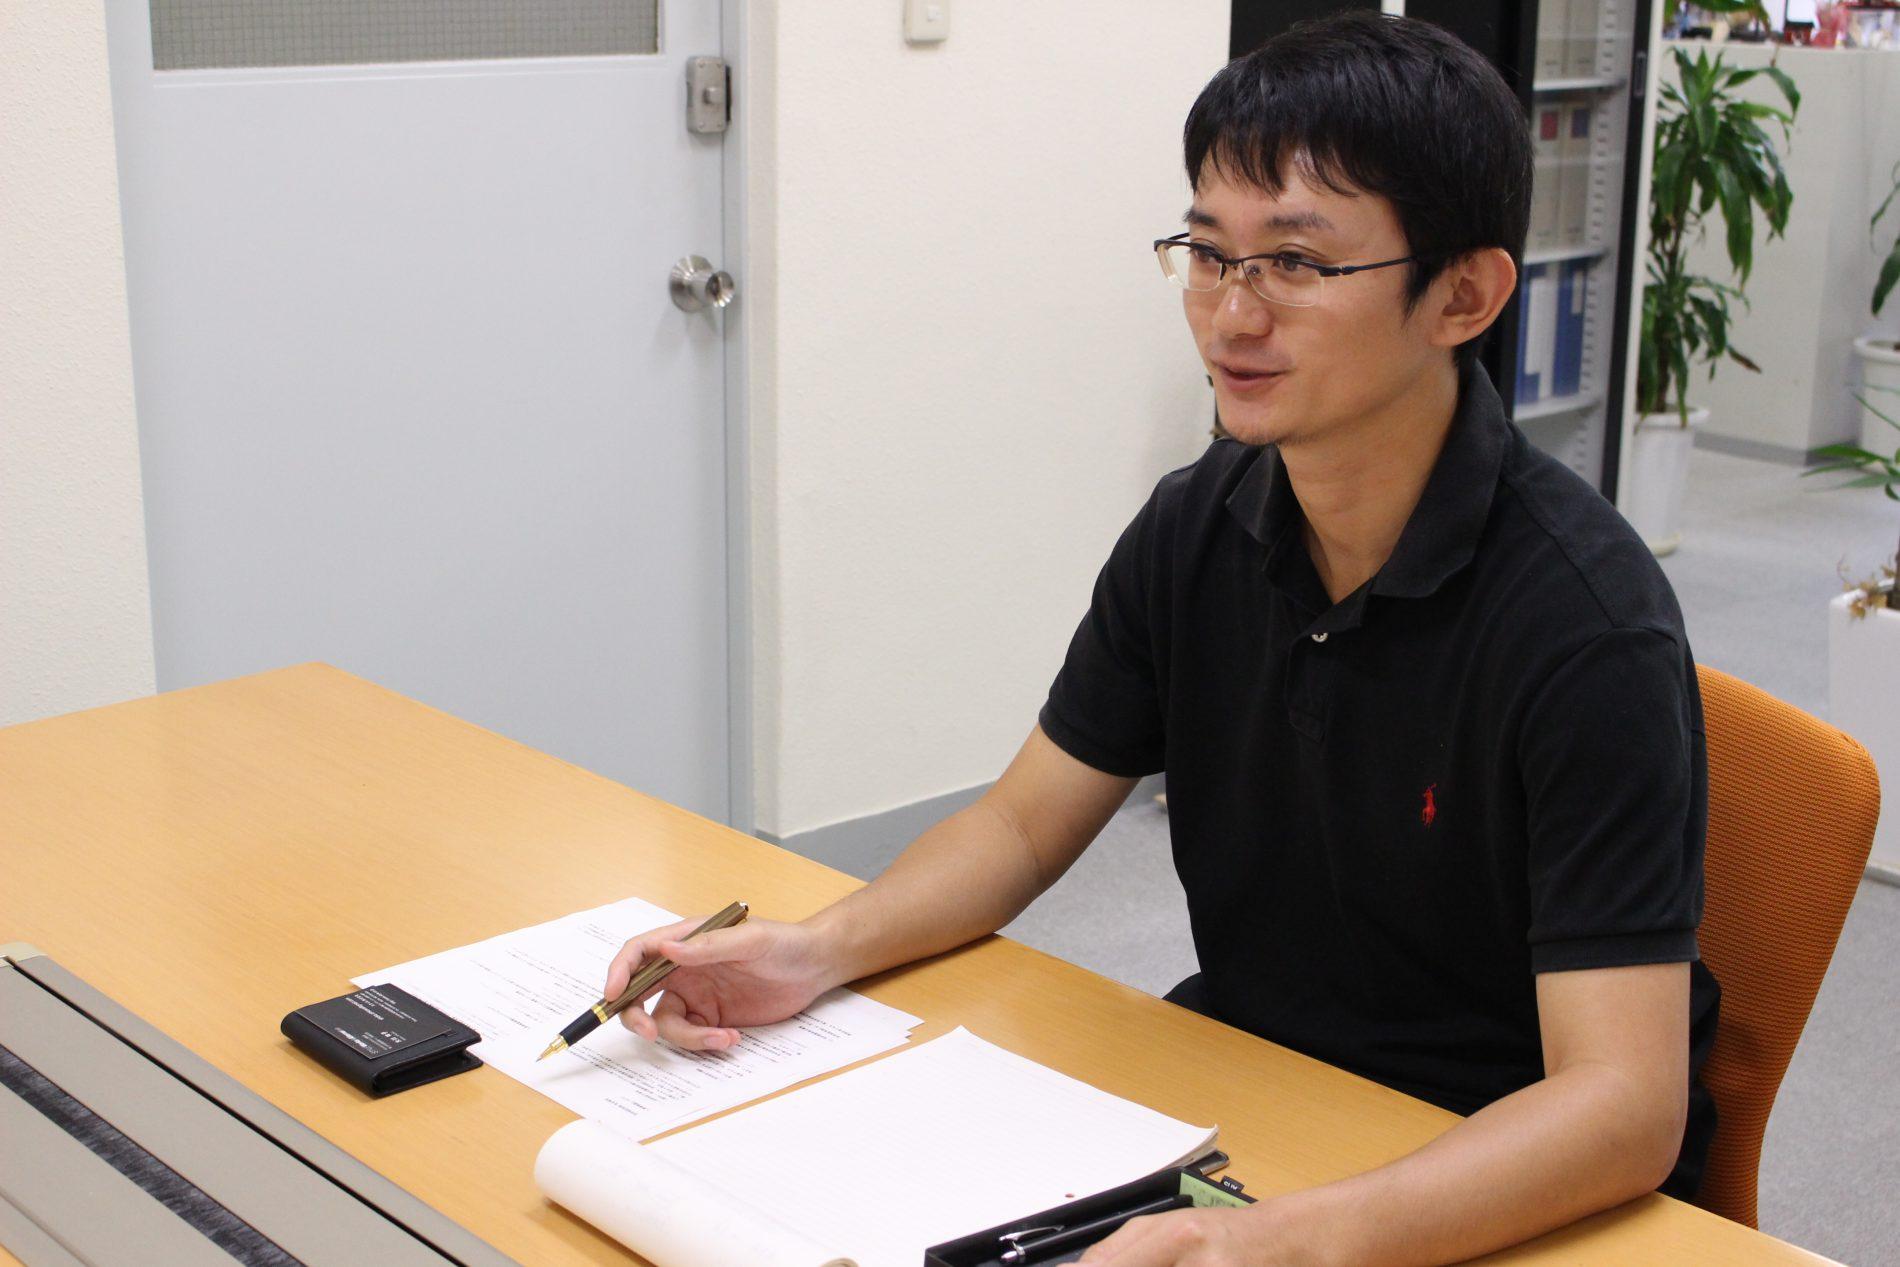 村永 俊暁さんのインタビューシーン2